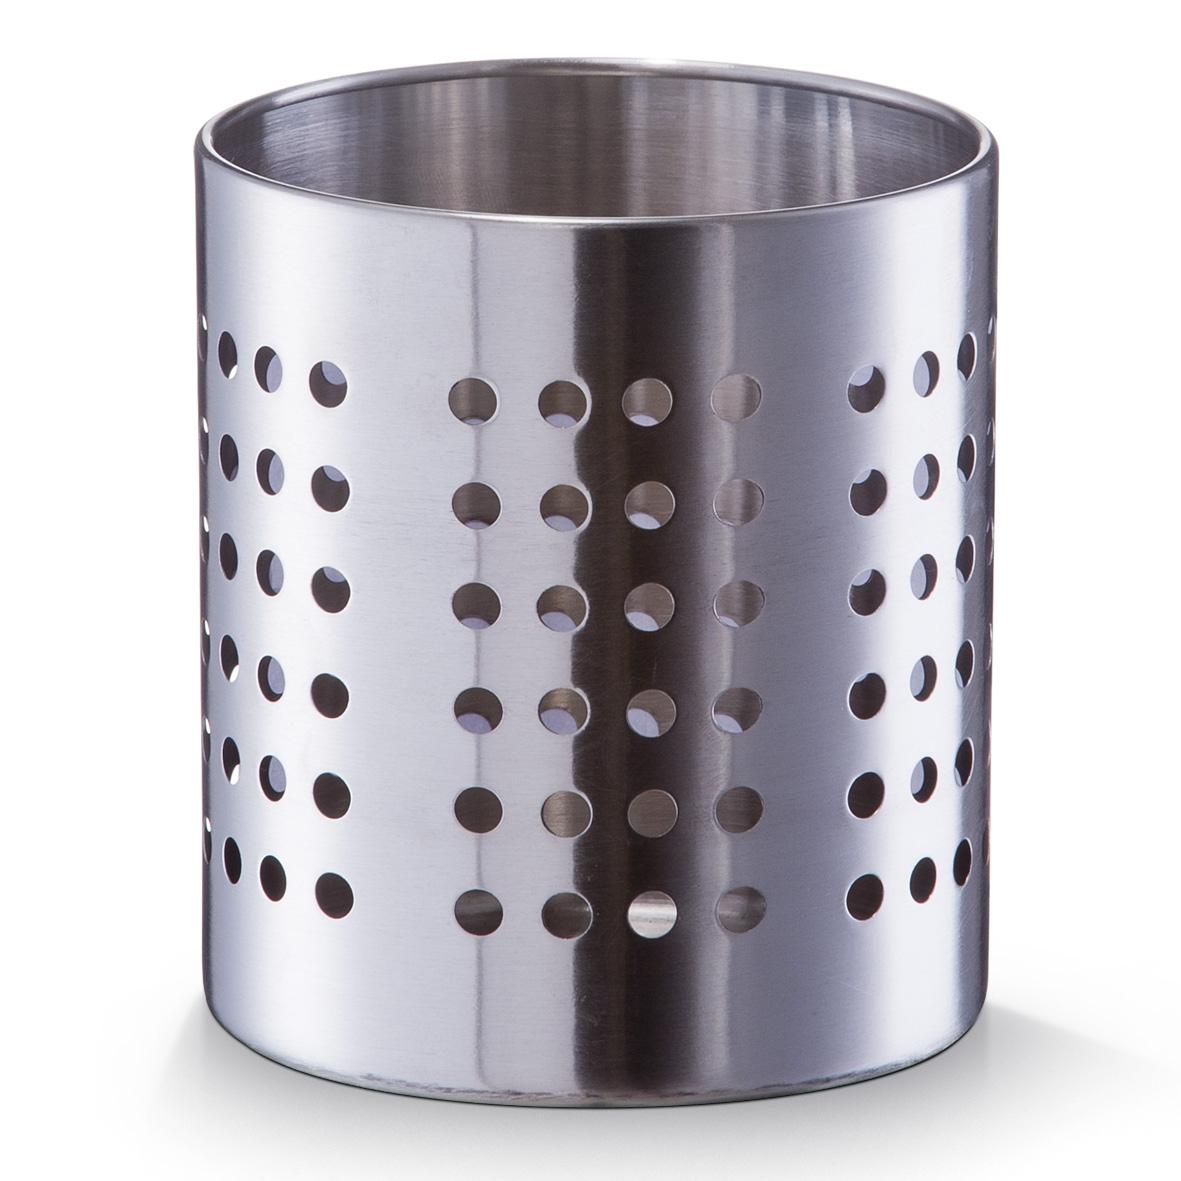 Suport metalic pentru ustensile si tacamuri de bucatarie, Silver Crom, Ø12xH13 cm